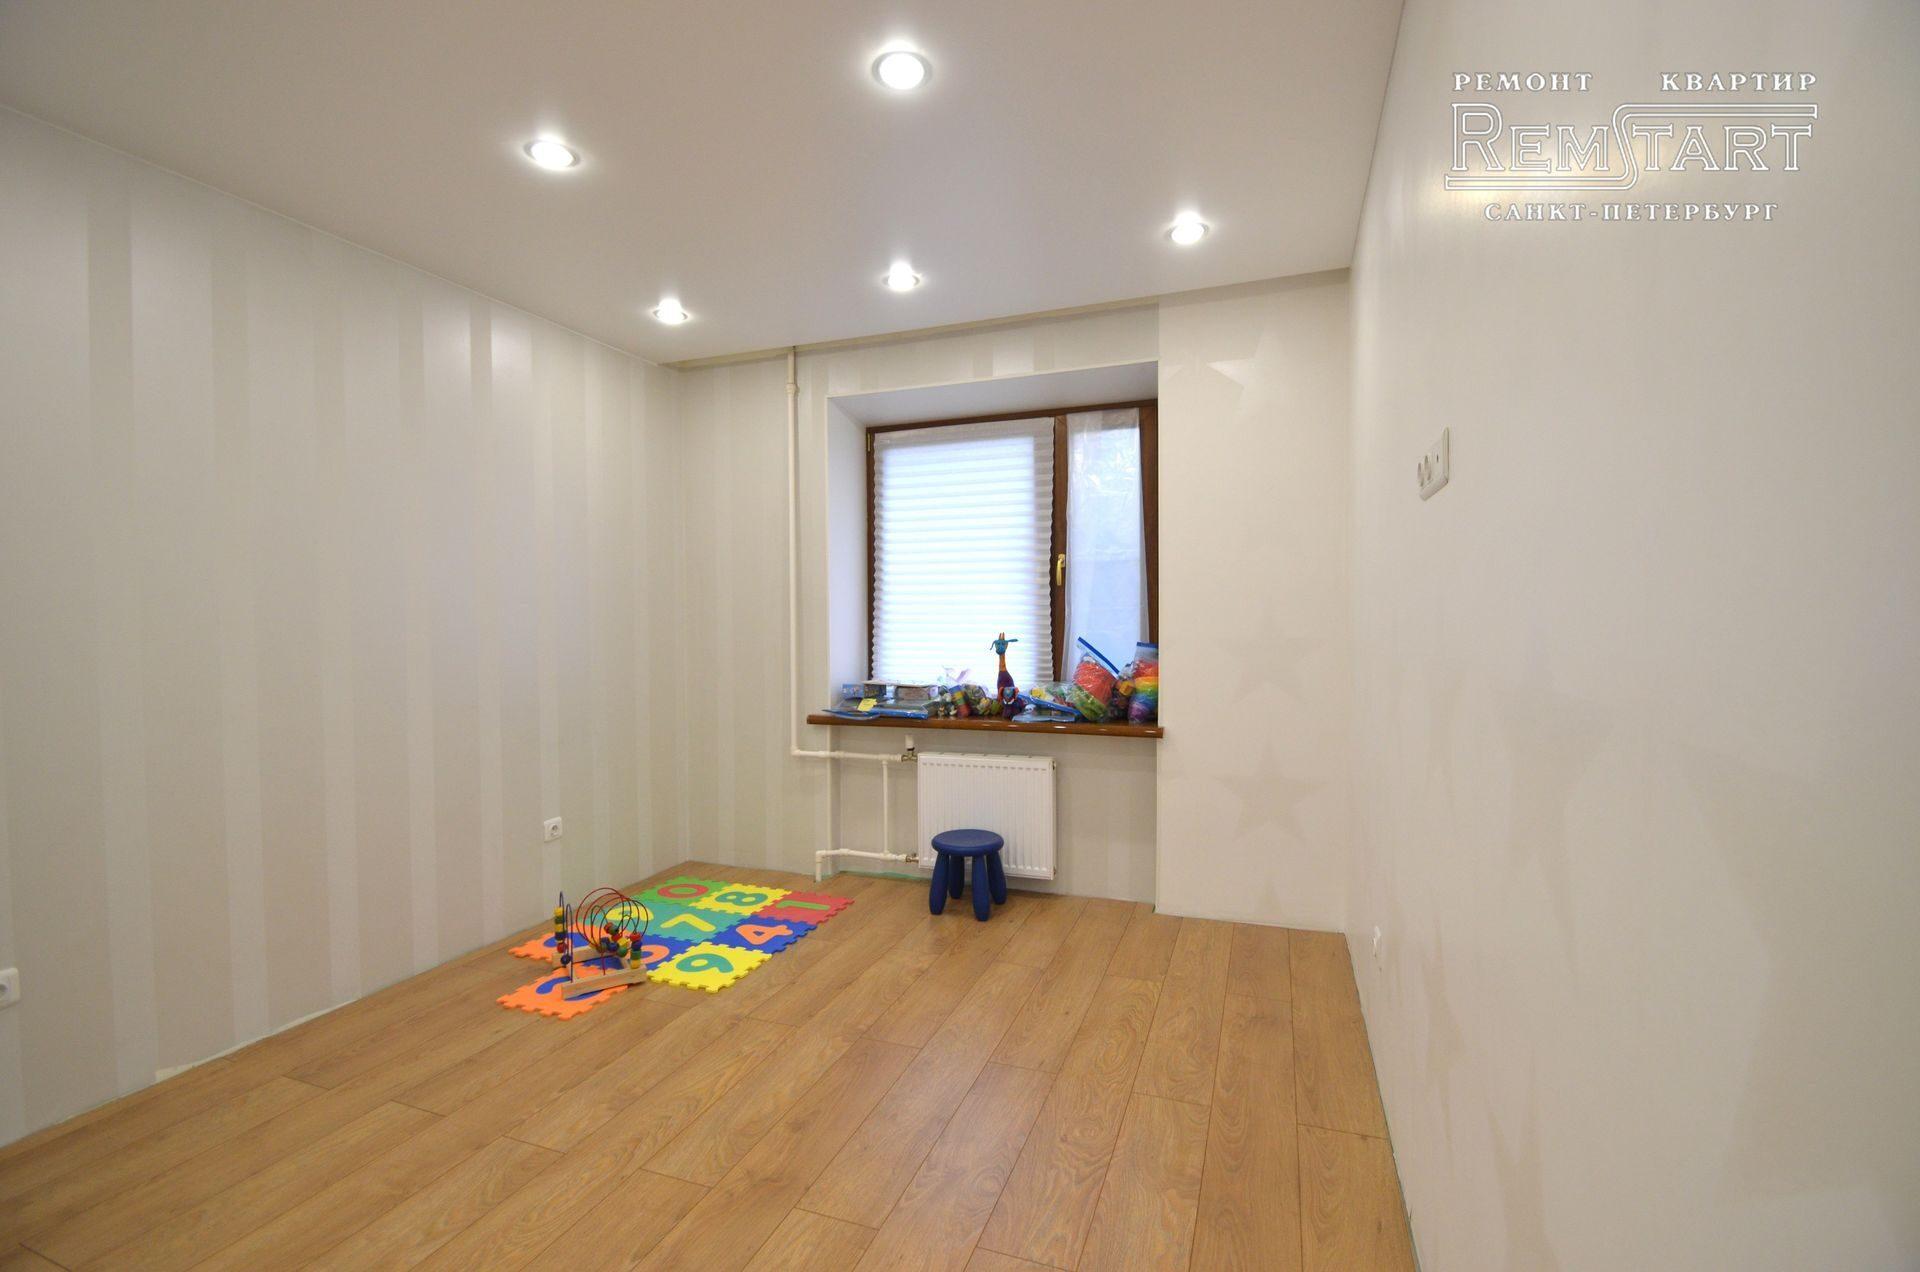 Работа: Горничная квартир и домов в Москве - 23524